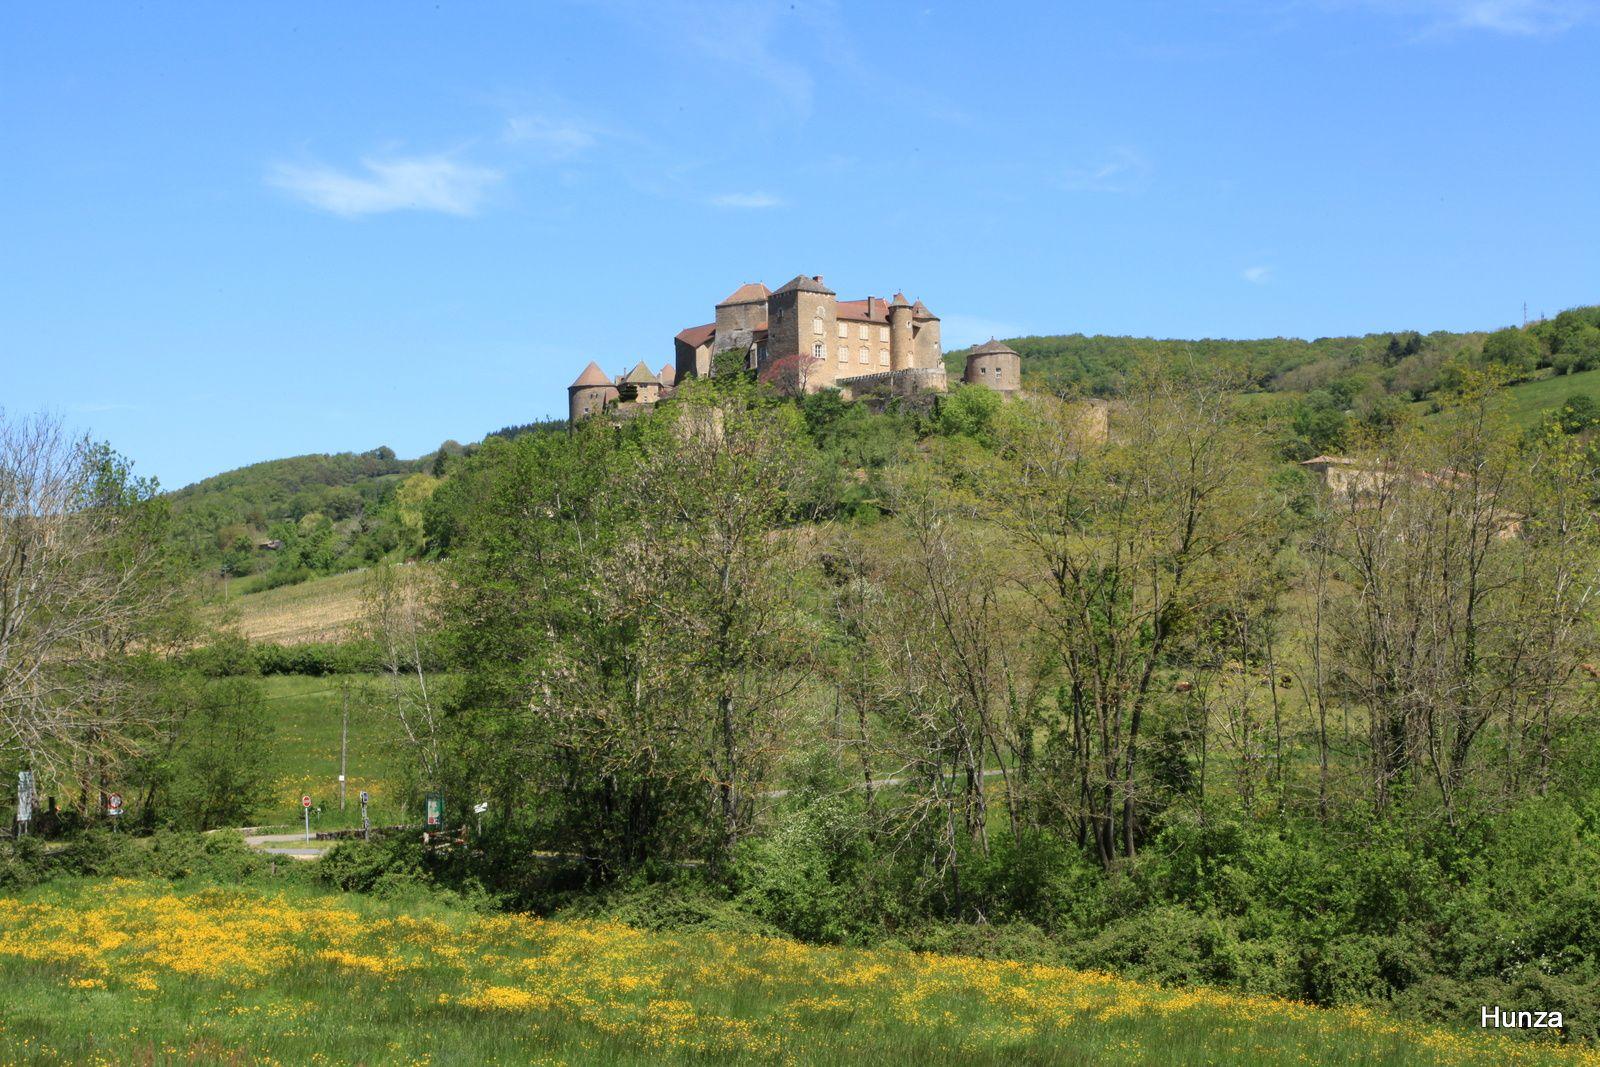 Découvrir la Bourgogne du sud en suivant la voie verte entre Mâcon et Chalon sur Saône